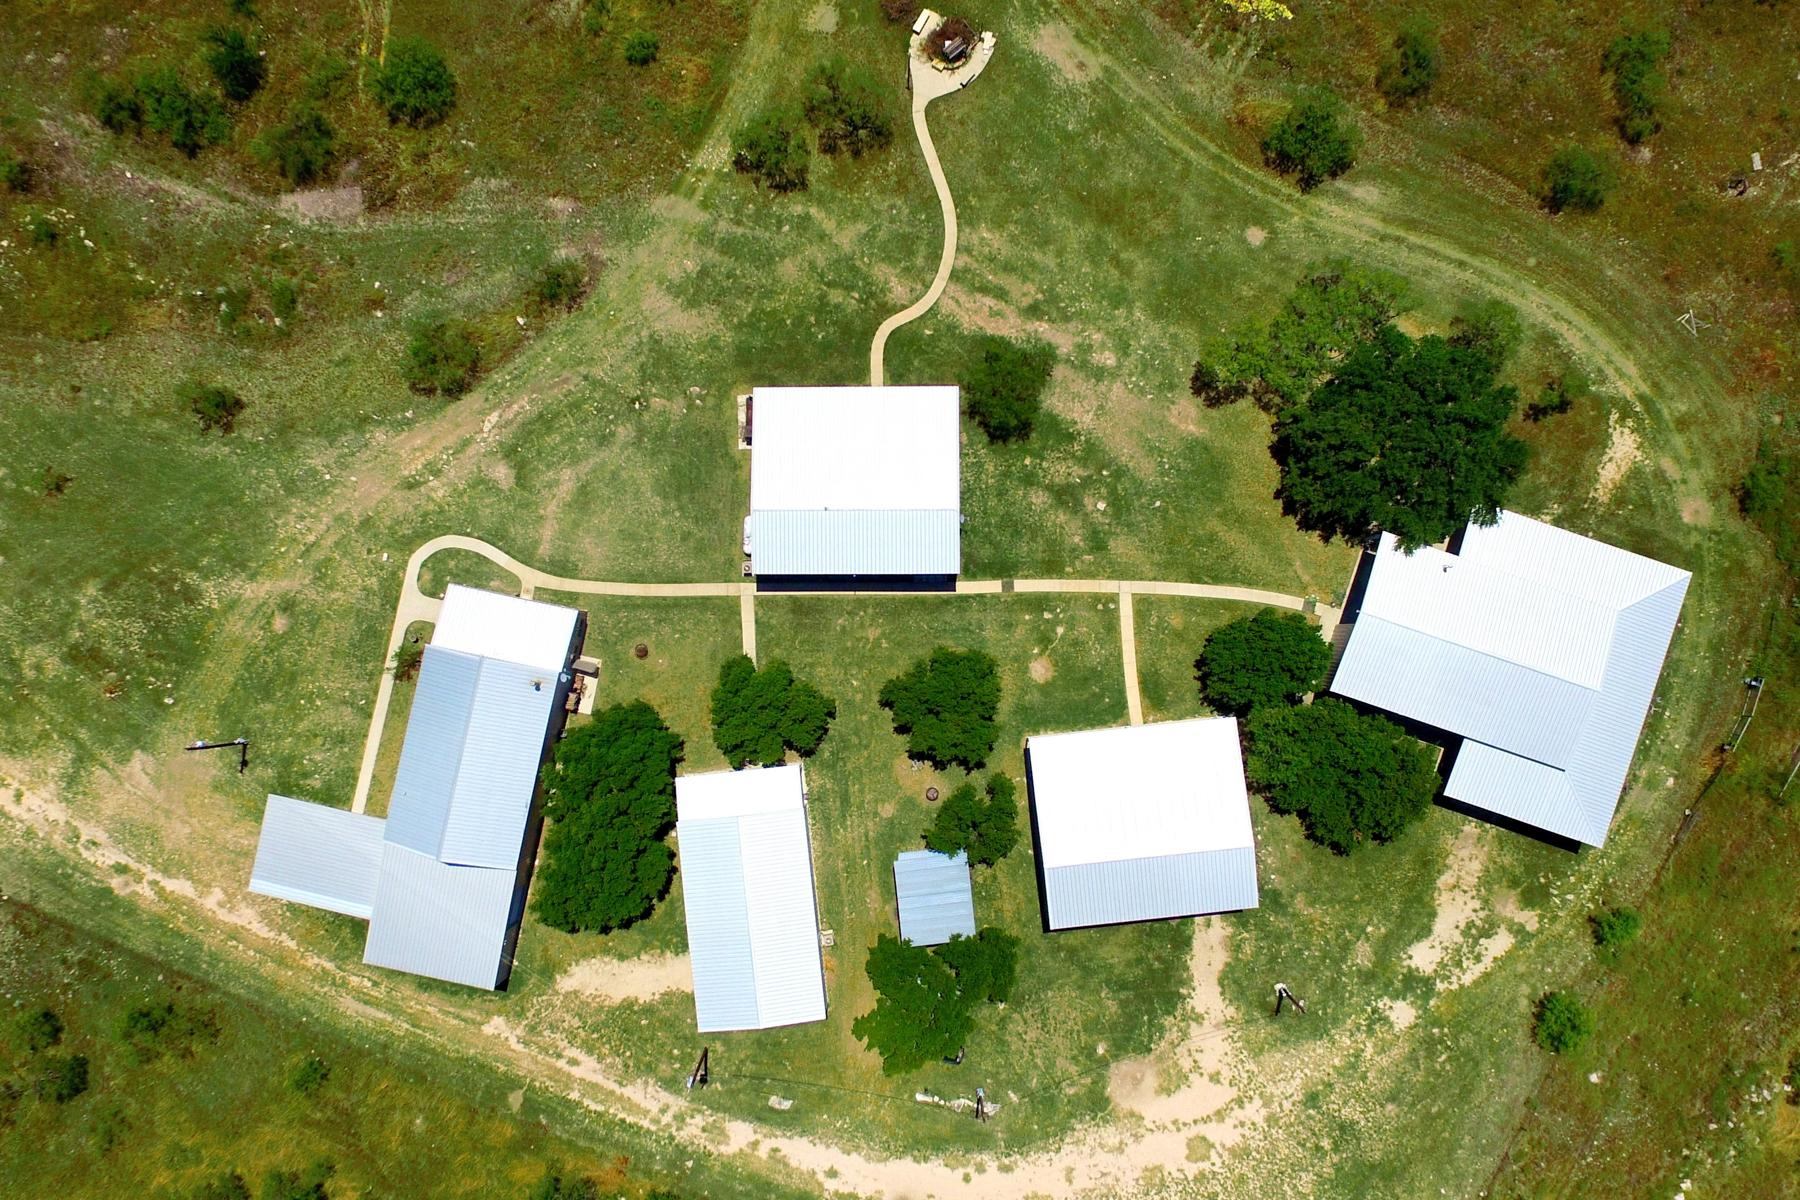 Additional photo for property listing at 924+/- Acres Broken Blade Ranch 23815 Norman Rd Menard, Texas 76859 Estados Unidos